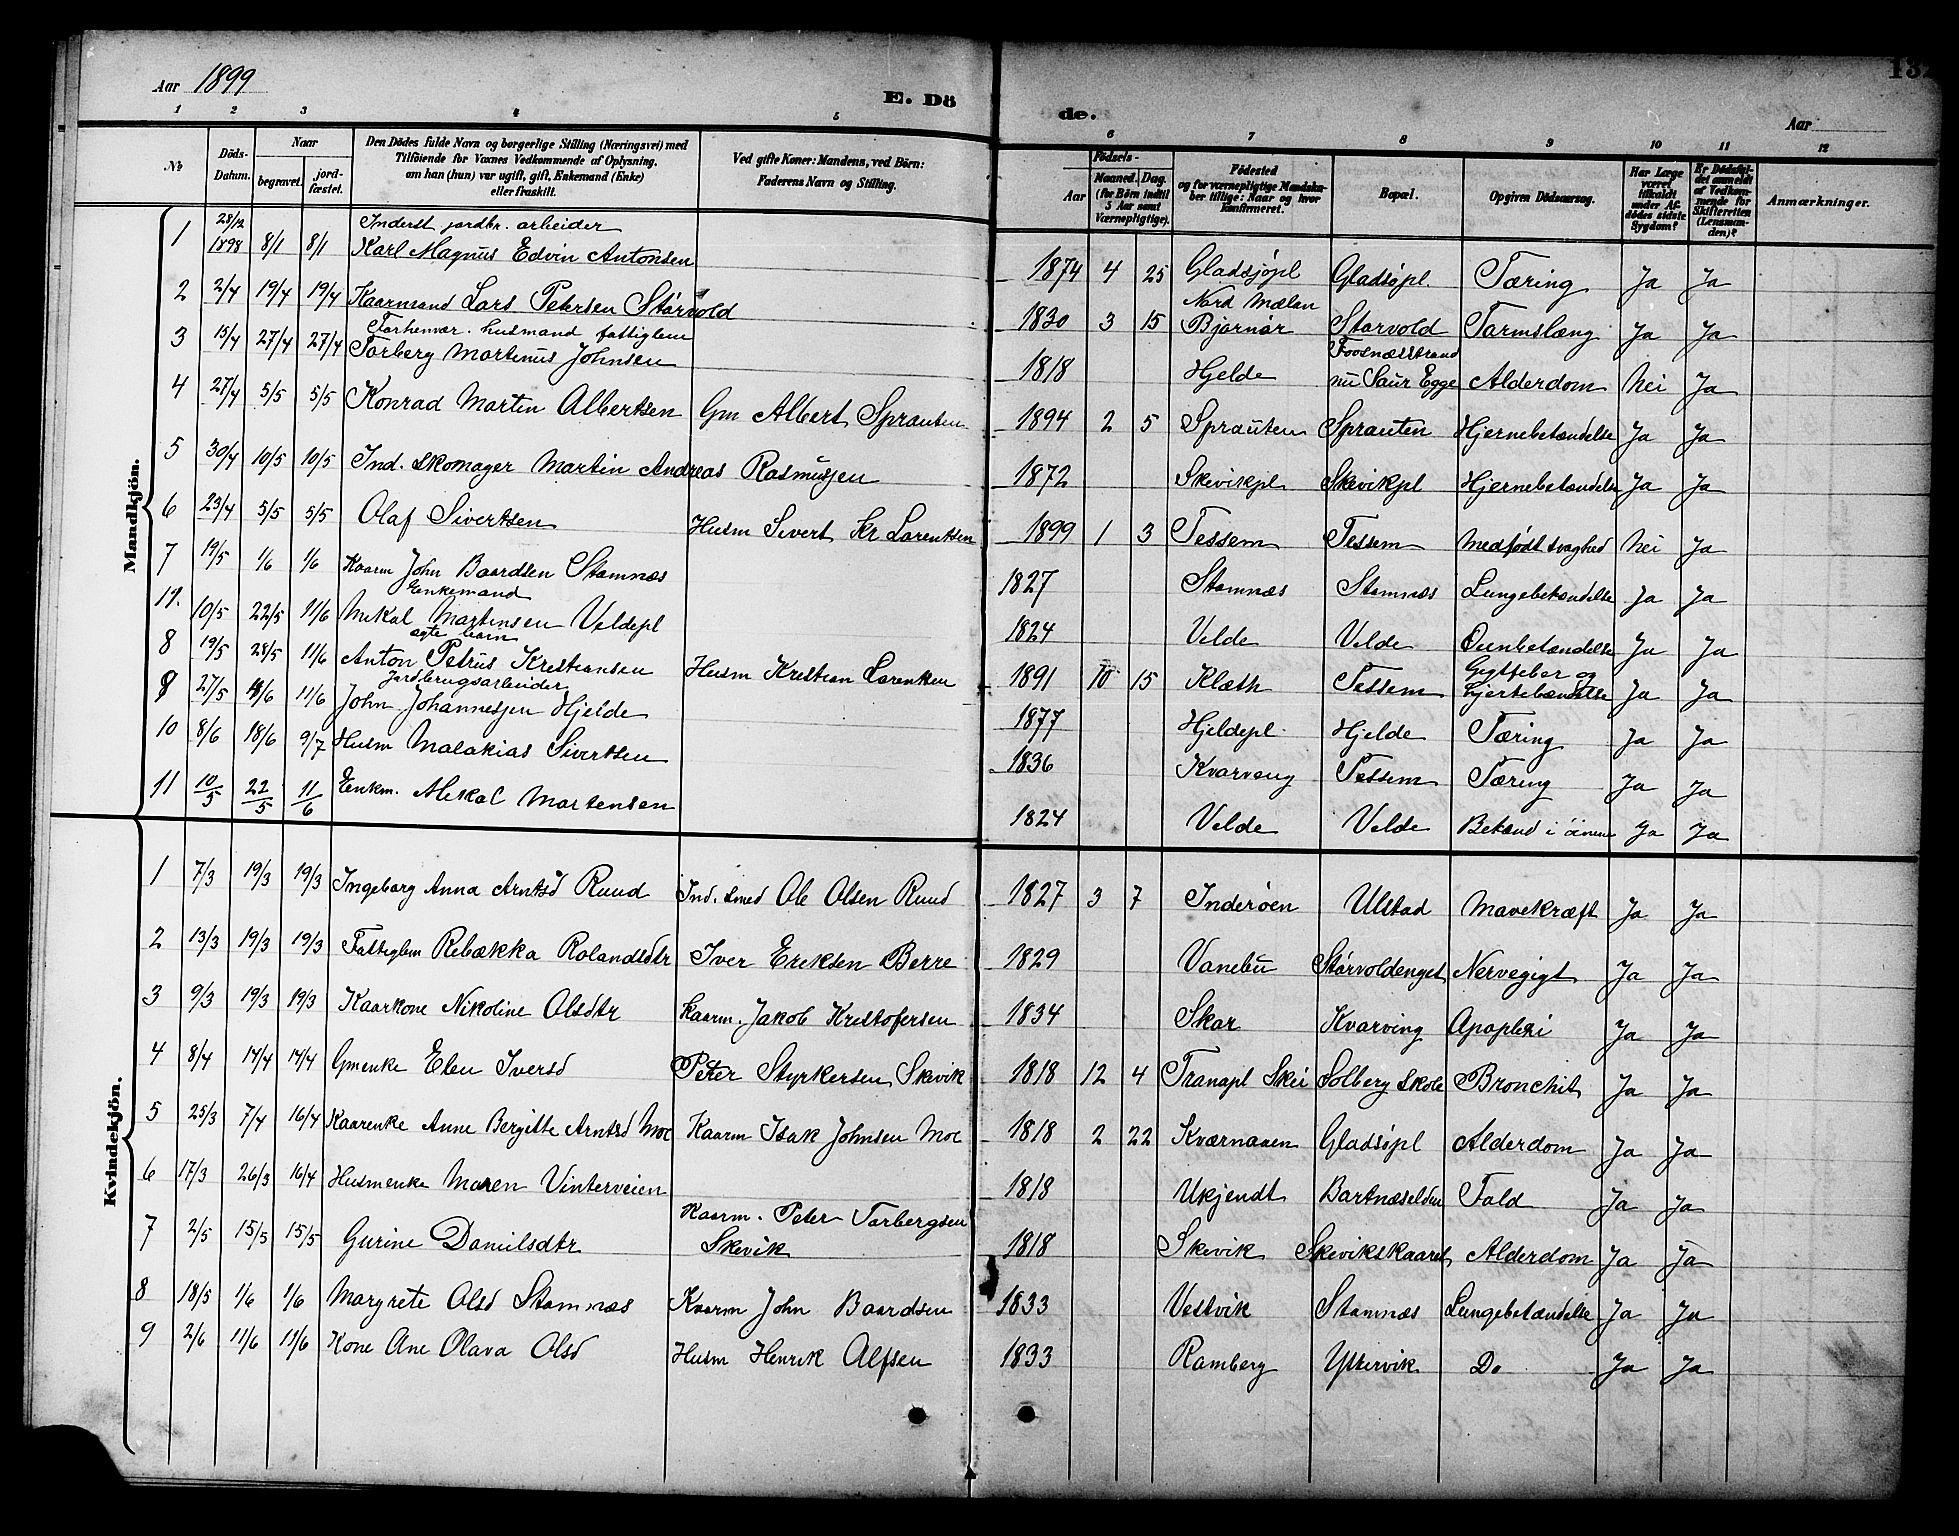 SAT, Ministerialprotokoller, klokkerbøker og fødselsregistre - Nord-Trøndelag, 741/L0401: Klokkerbok nr. 741C02, 1899-1911, s. 132